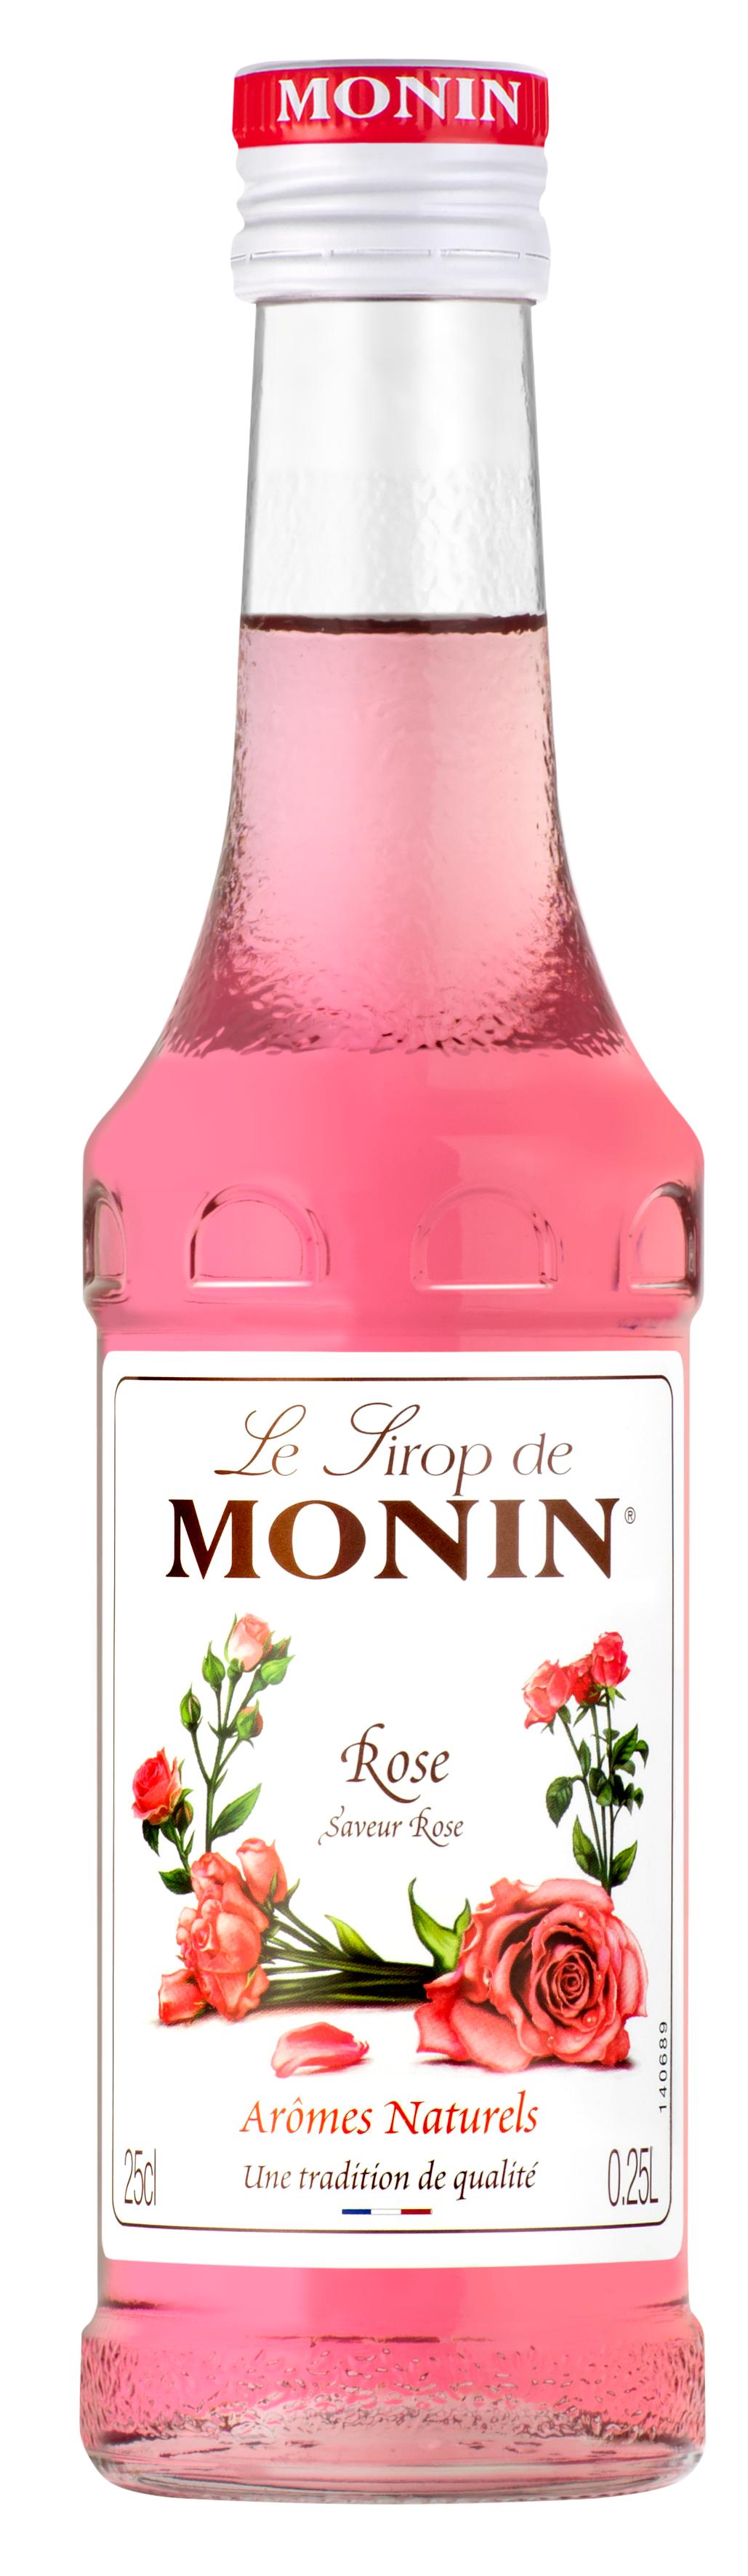 Sirop de Rose, Monin (25 cl)